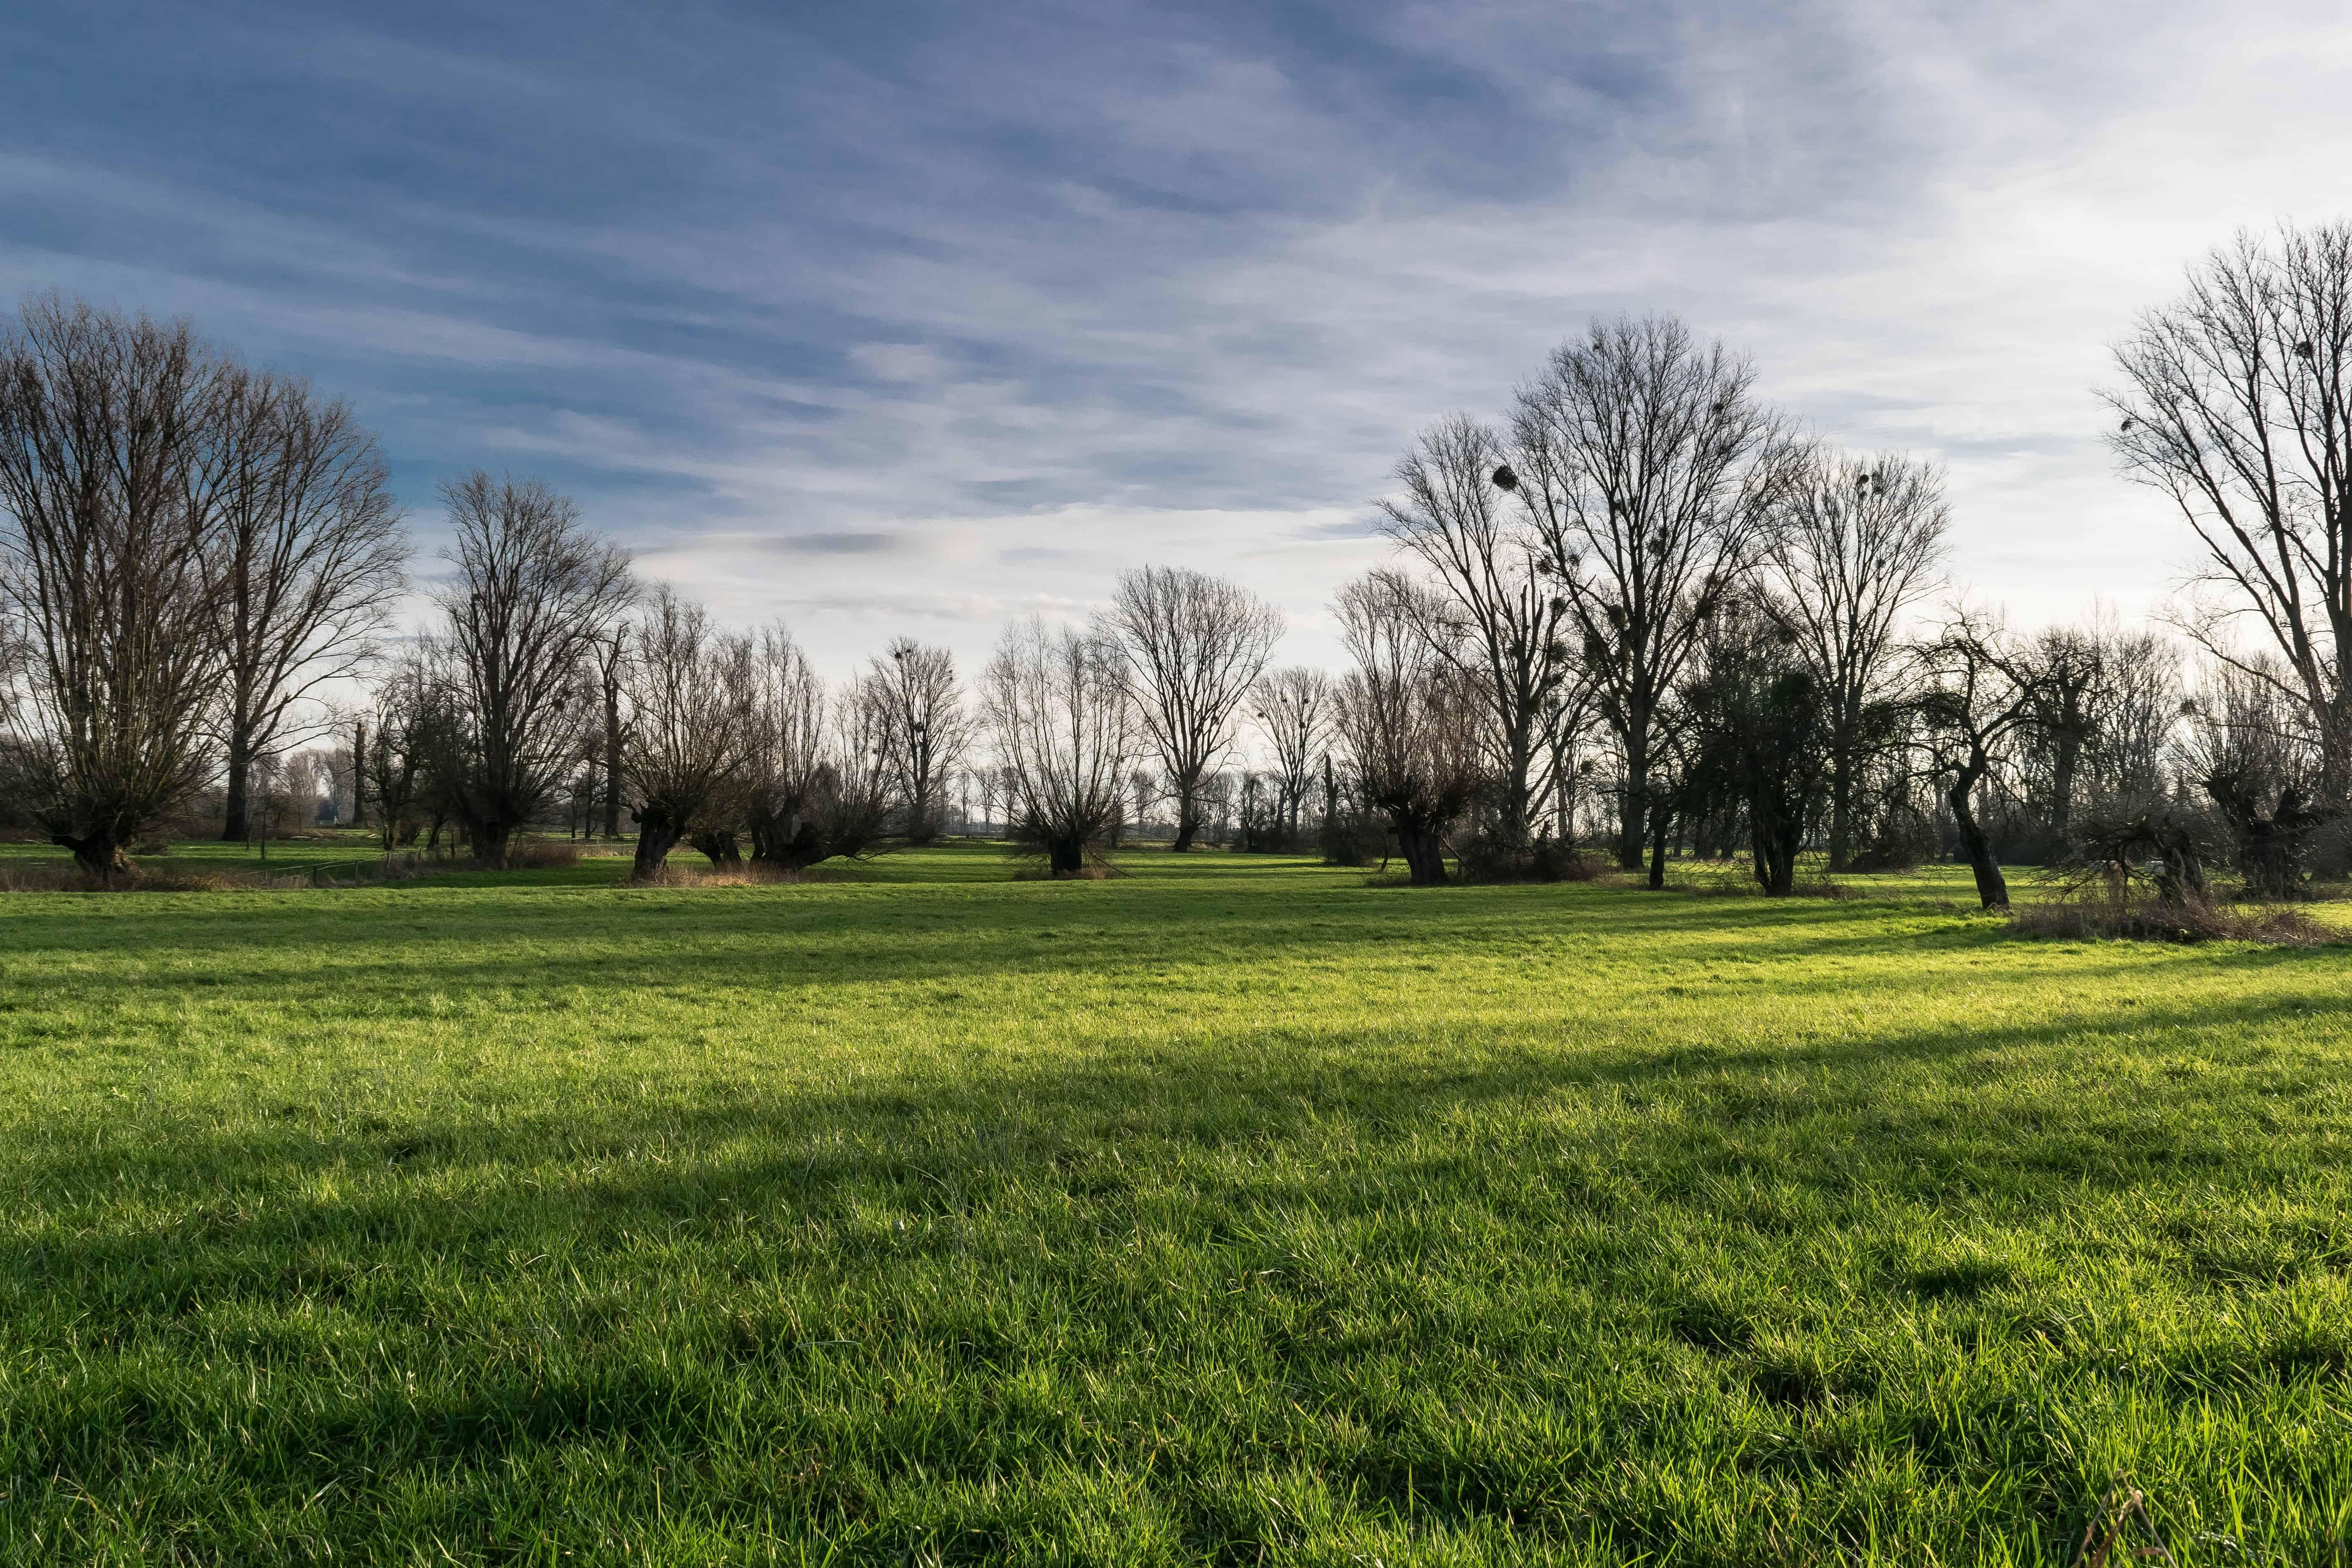 free picture: landscape, field, tree, grass, blue sky, meadow